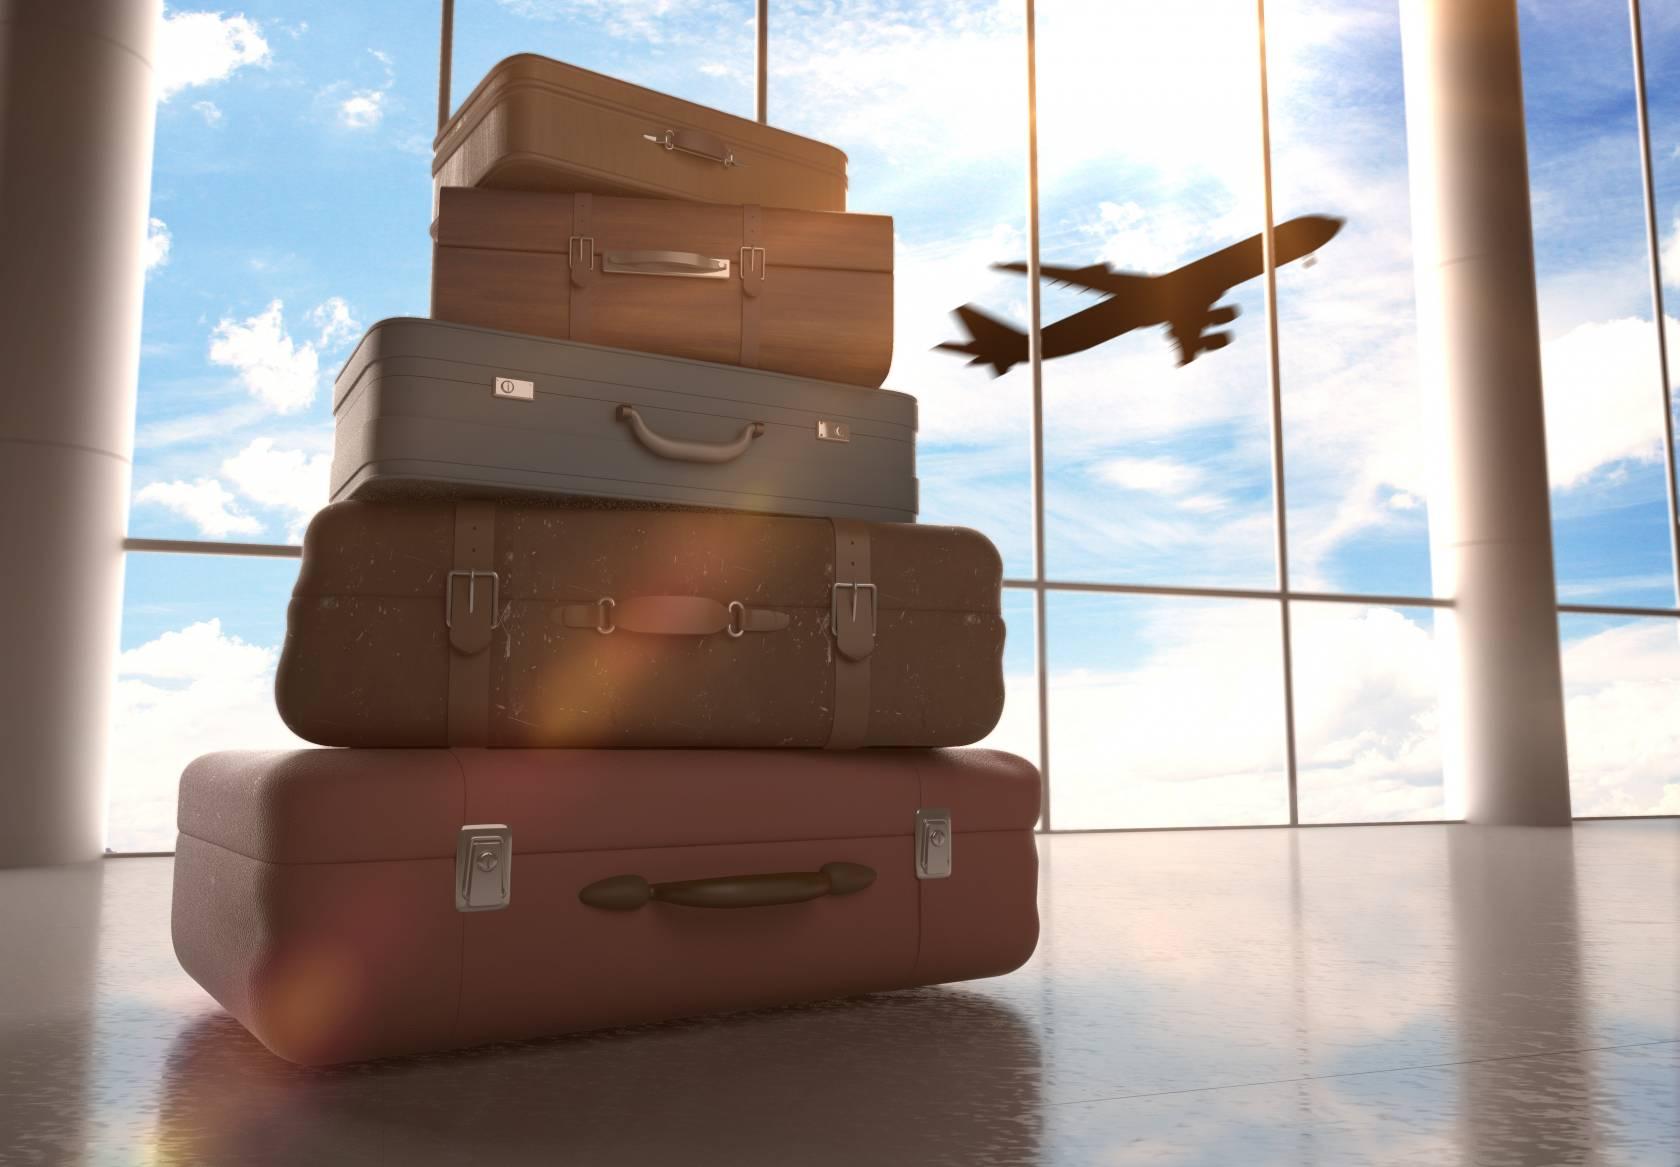 corsair tout savoir sur la politique bagage blog de voyage d 39 opodo opodo le blog de voyage. Black Bedroom Furniture Sets. Home Design Ideas